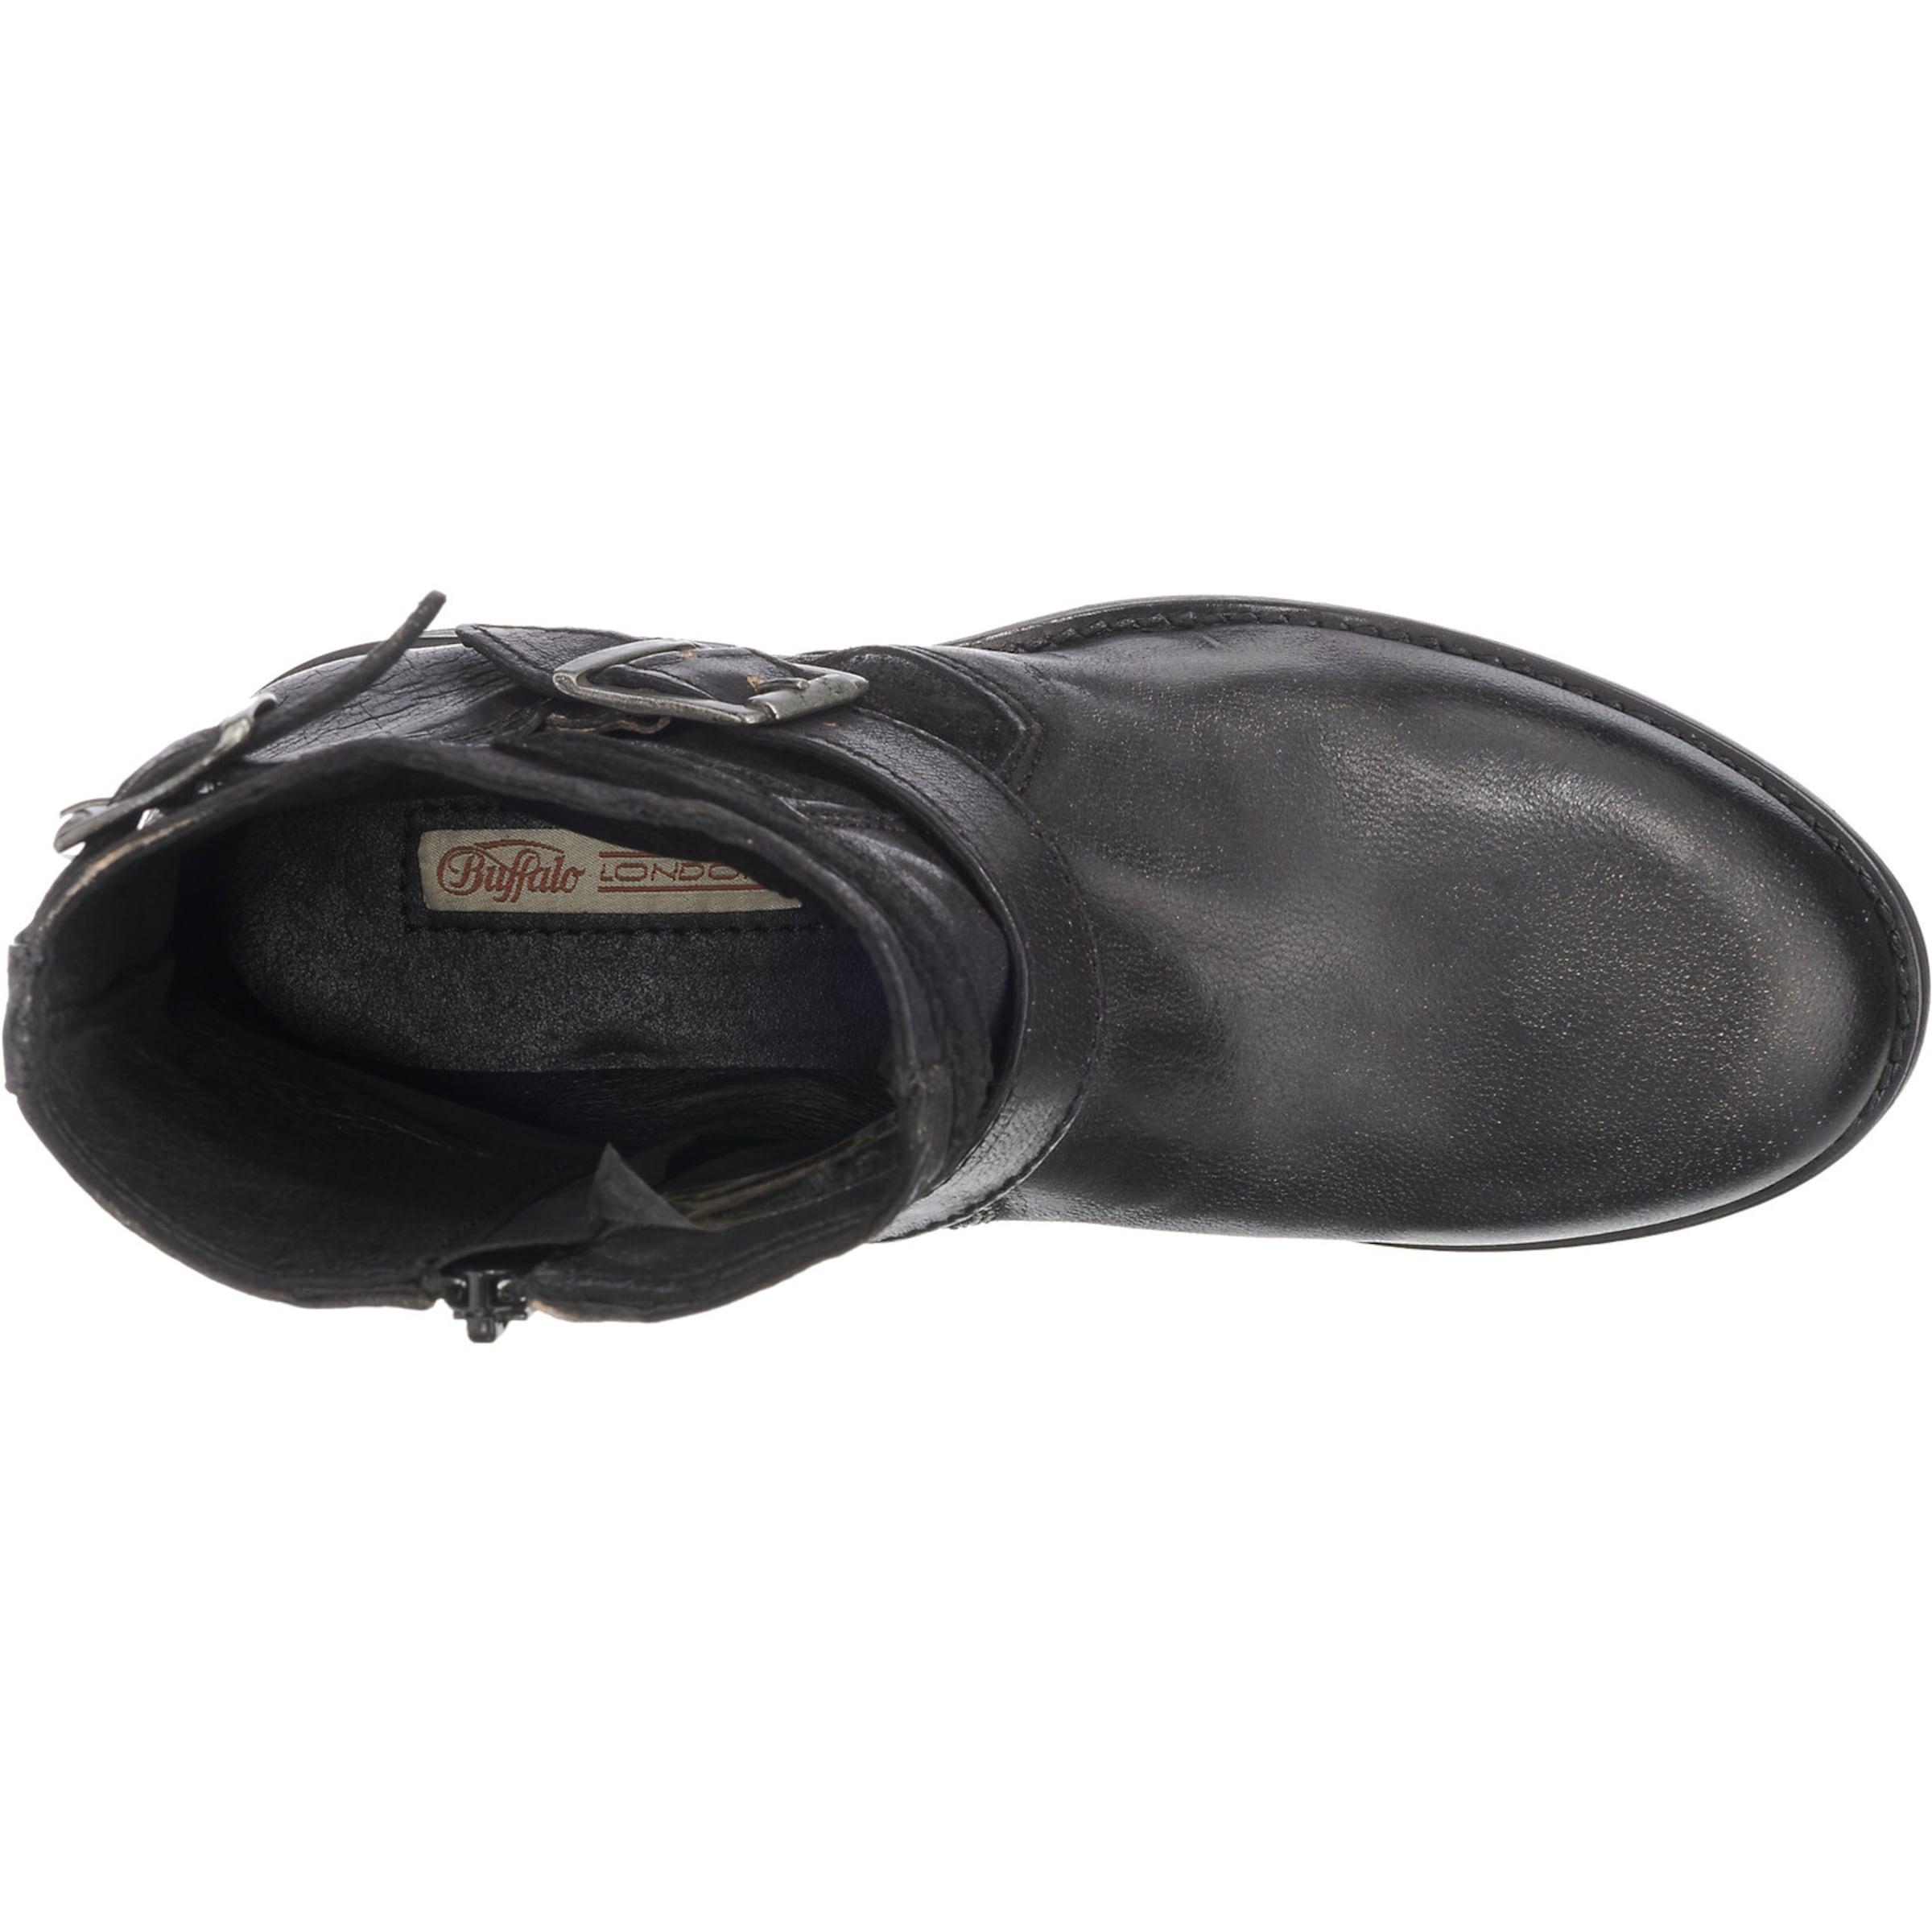 BUFFALO Stiefeletten Leder Verkaufen Sie Sie Sie saisonale Aktionen 2ad1fc